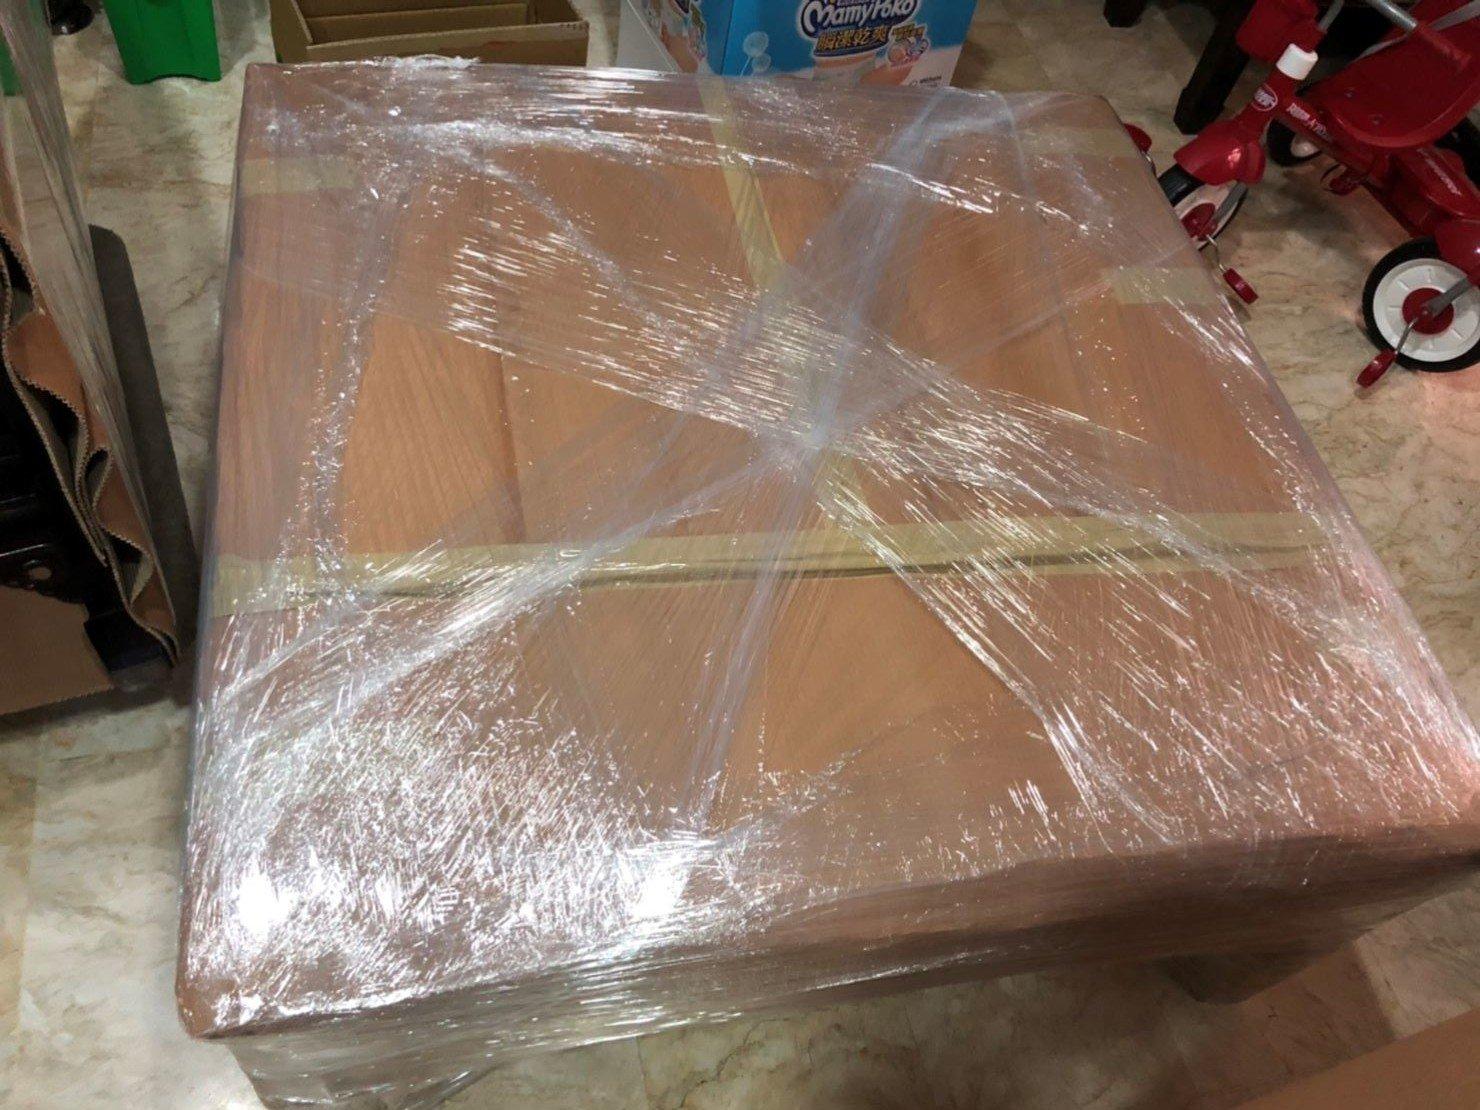 搬家公司【榮福搬家公司】值得您的信賴與選擇:雕刻紅木桌精緻包裝服務,專業搬運技巧、細膩包裝手法。